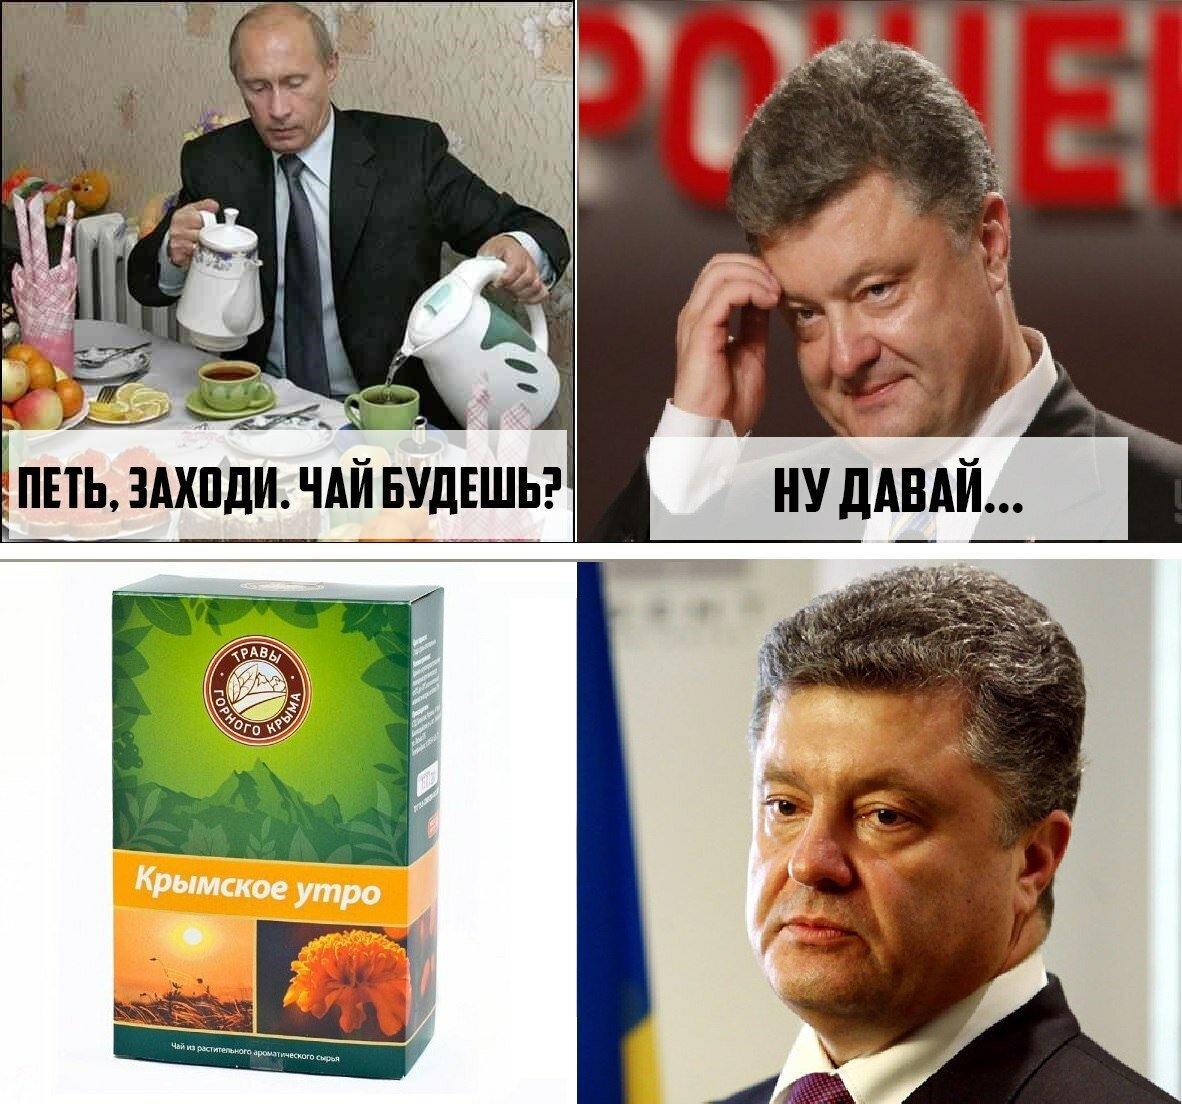 энциклопедия будет самые последние фото приколы про украину только узнаешь